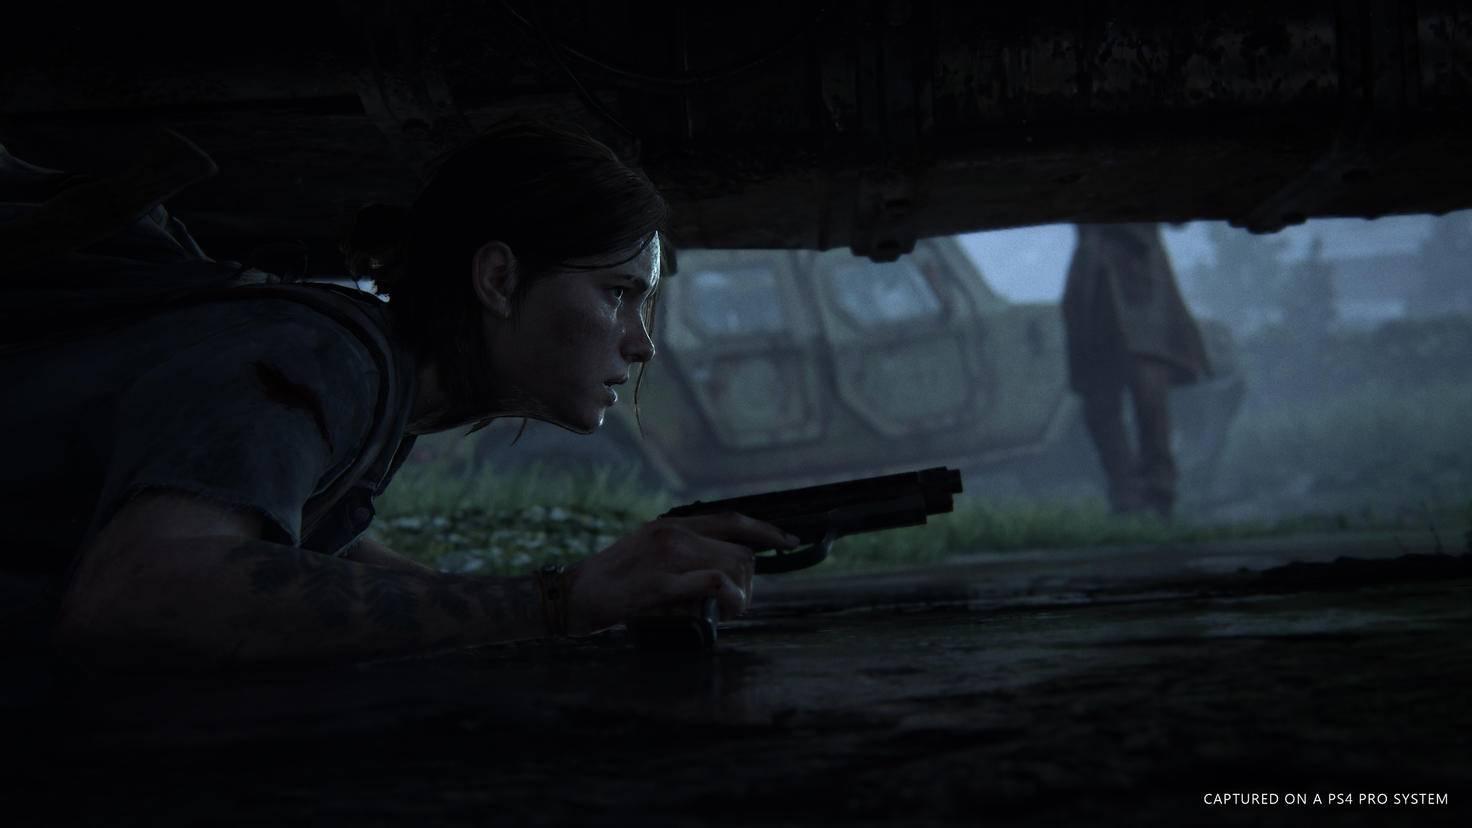 """Gut versteckt unter einem Auto wartet Ellie, bis die Luft wieder rein ist – ein neues Stealth-Feature in """"The Last of Us 2""""."""